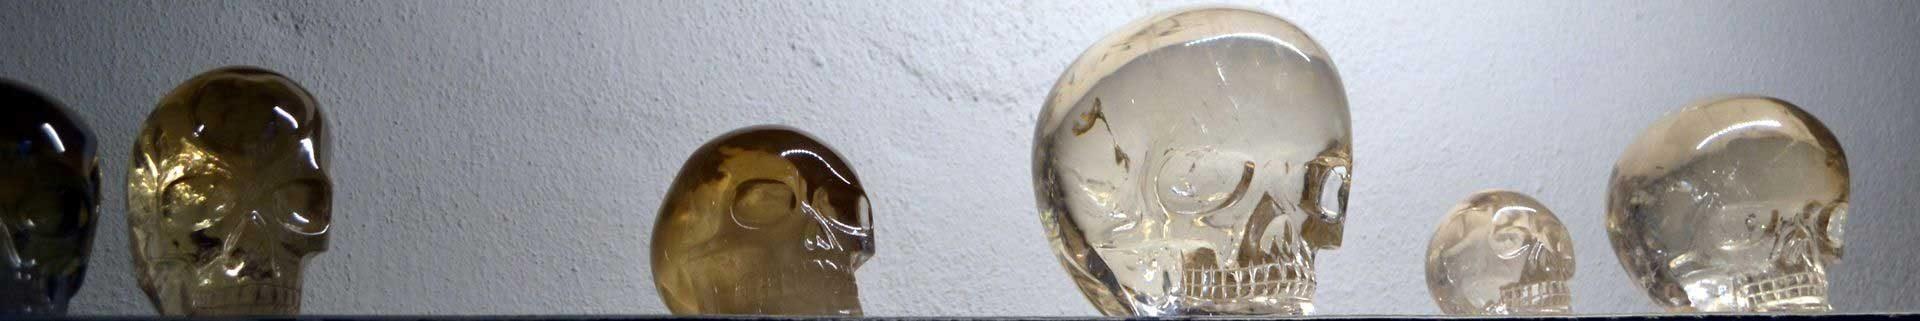 glasschedel-banner-Vera1920x321